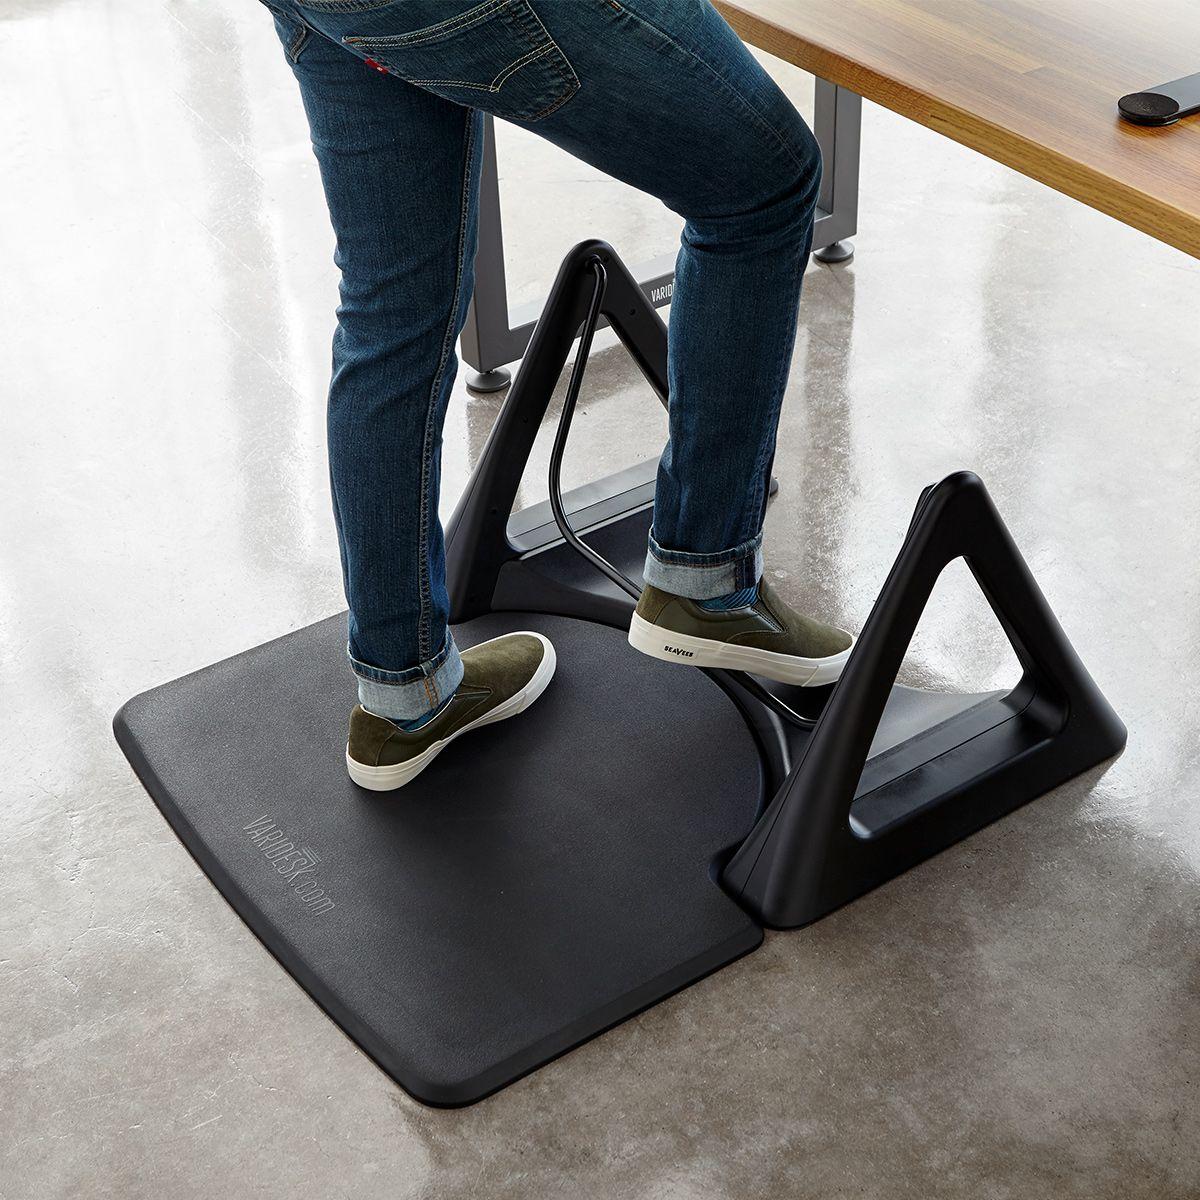 Activemat Rocker Standing Desk Mat